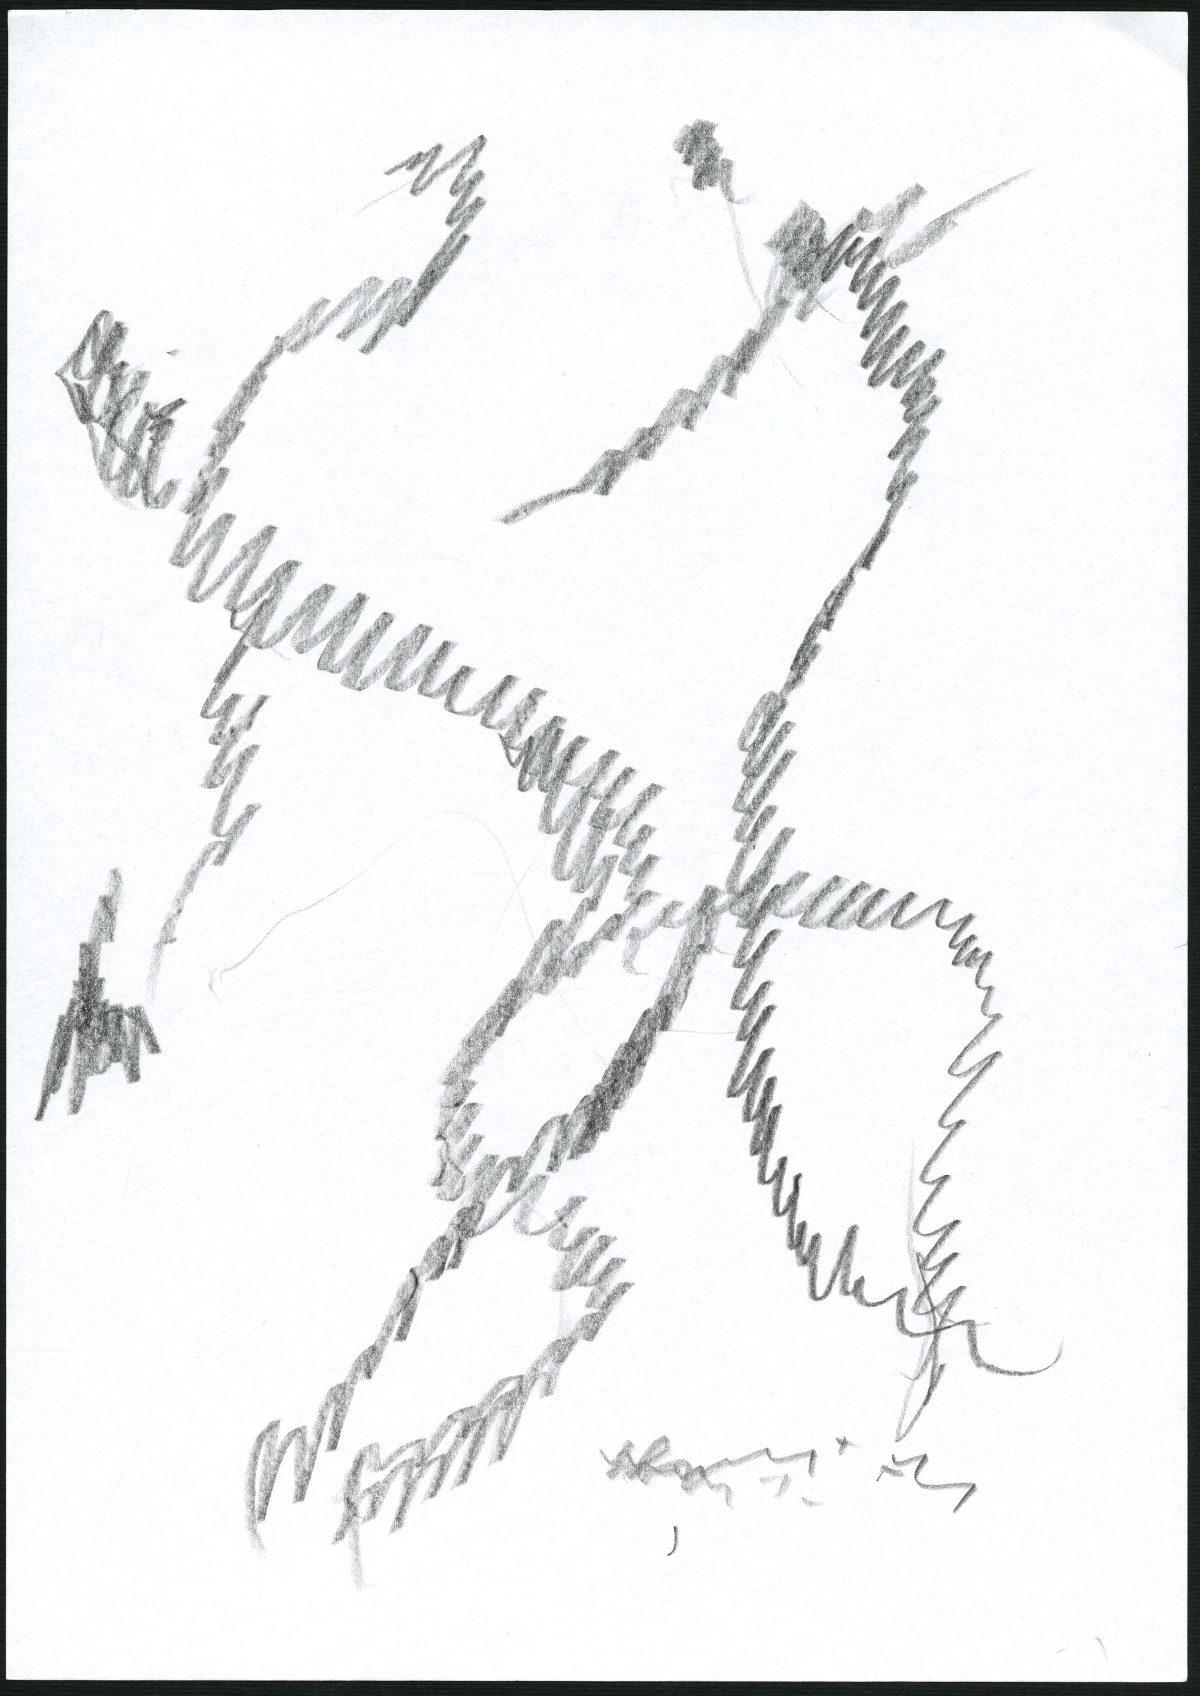 G24939(98)<br/> <b>Cím:</b> Lázálom vándorokról <br/> <b>Méret cm:</b> 29,8x21 <br/> <b>Készült:</b> 2007. <br/> <b>Technika:</b> ceruza<br/>